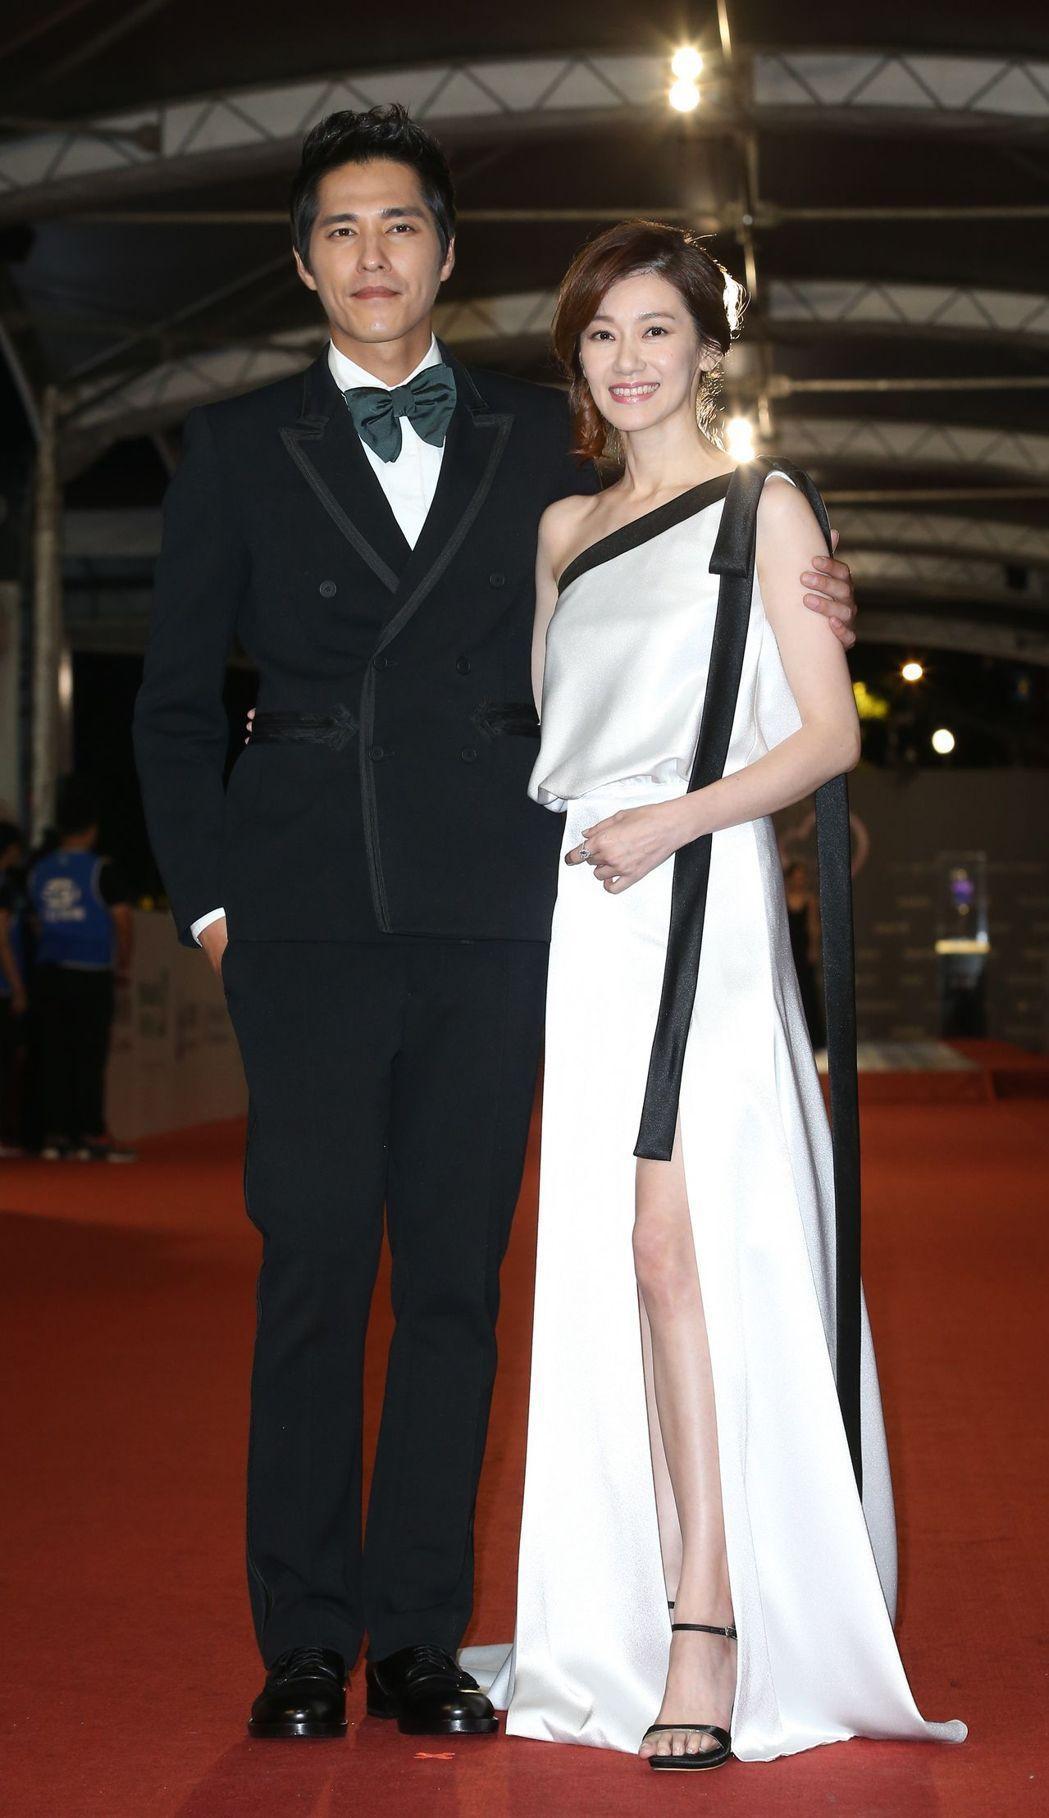 和老婆周幼婷甜蜜現身的藍正龍,則以Bottega Veneta雙排釦西裝展現更沉...